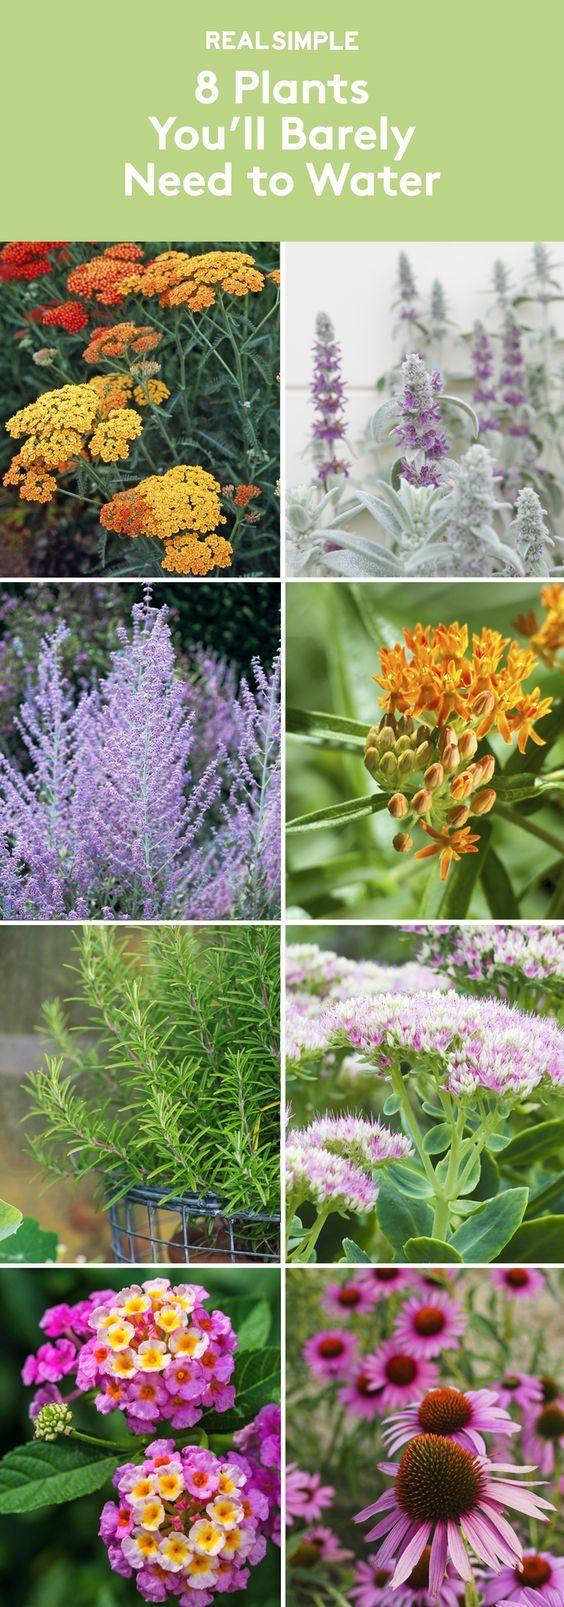 73 best images about drought tolerant plants on pinterest